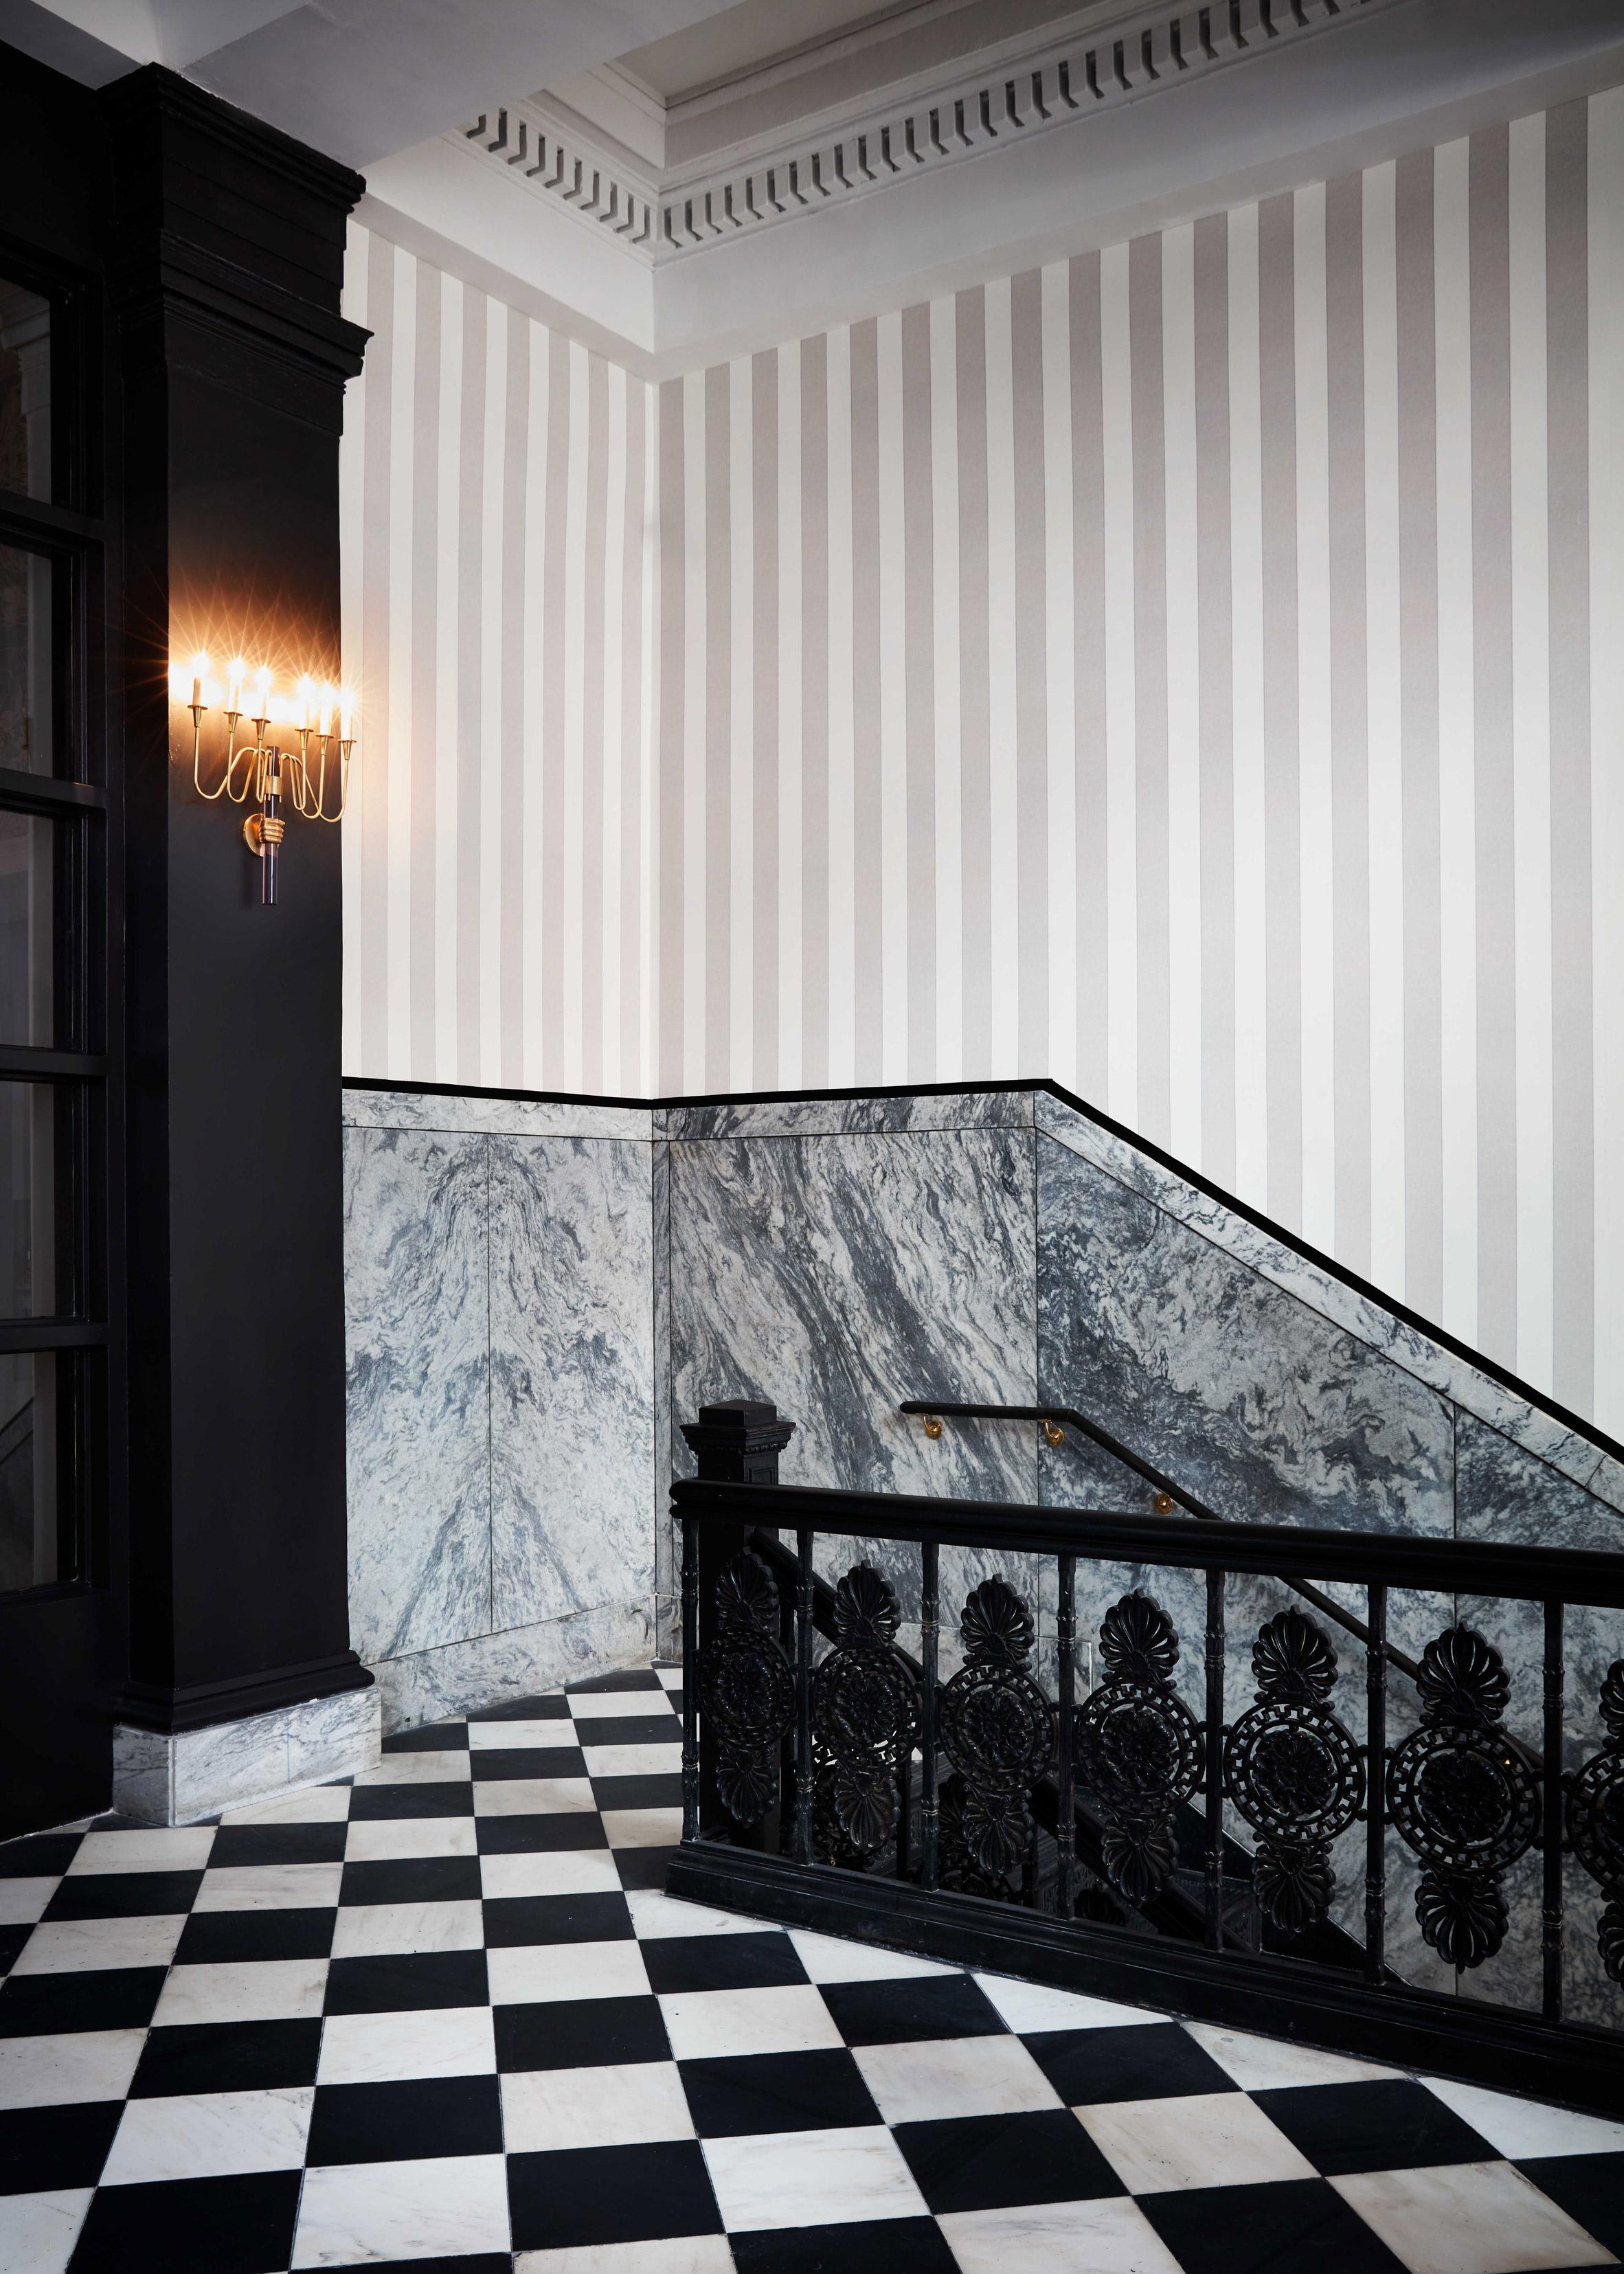 The Nordroom - Maison de la Luz in New Orleans